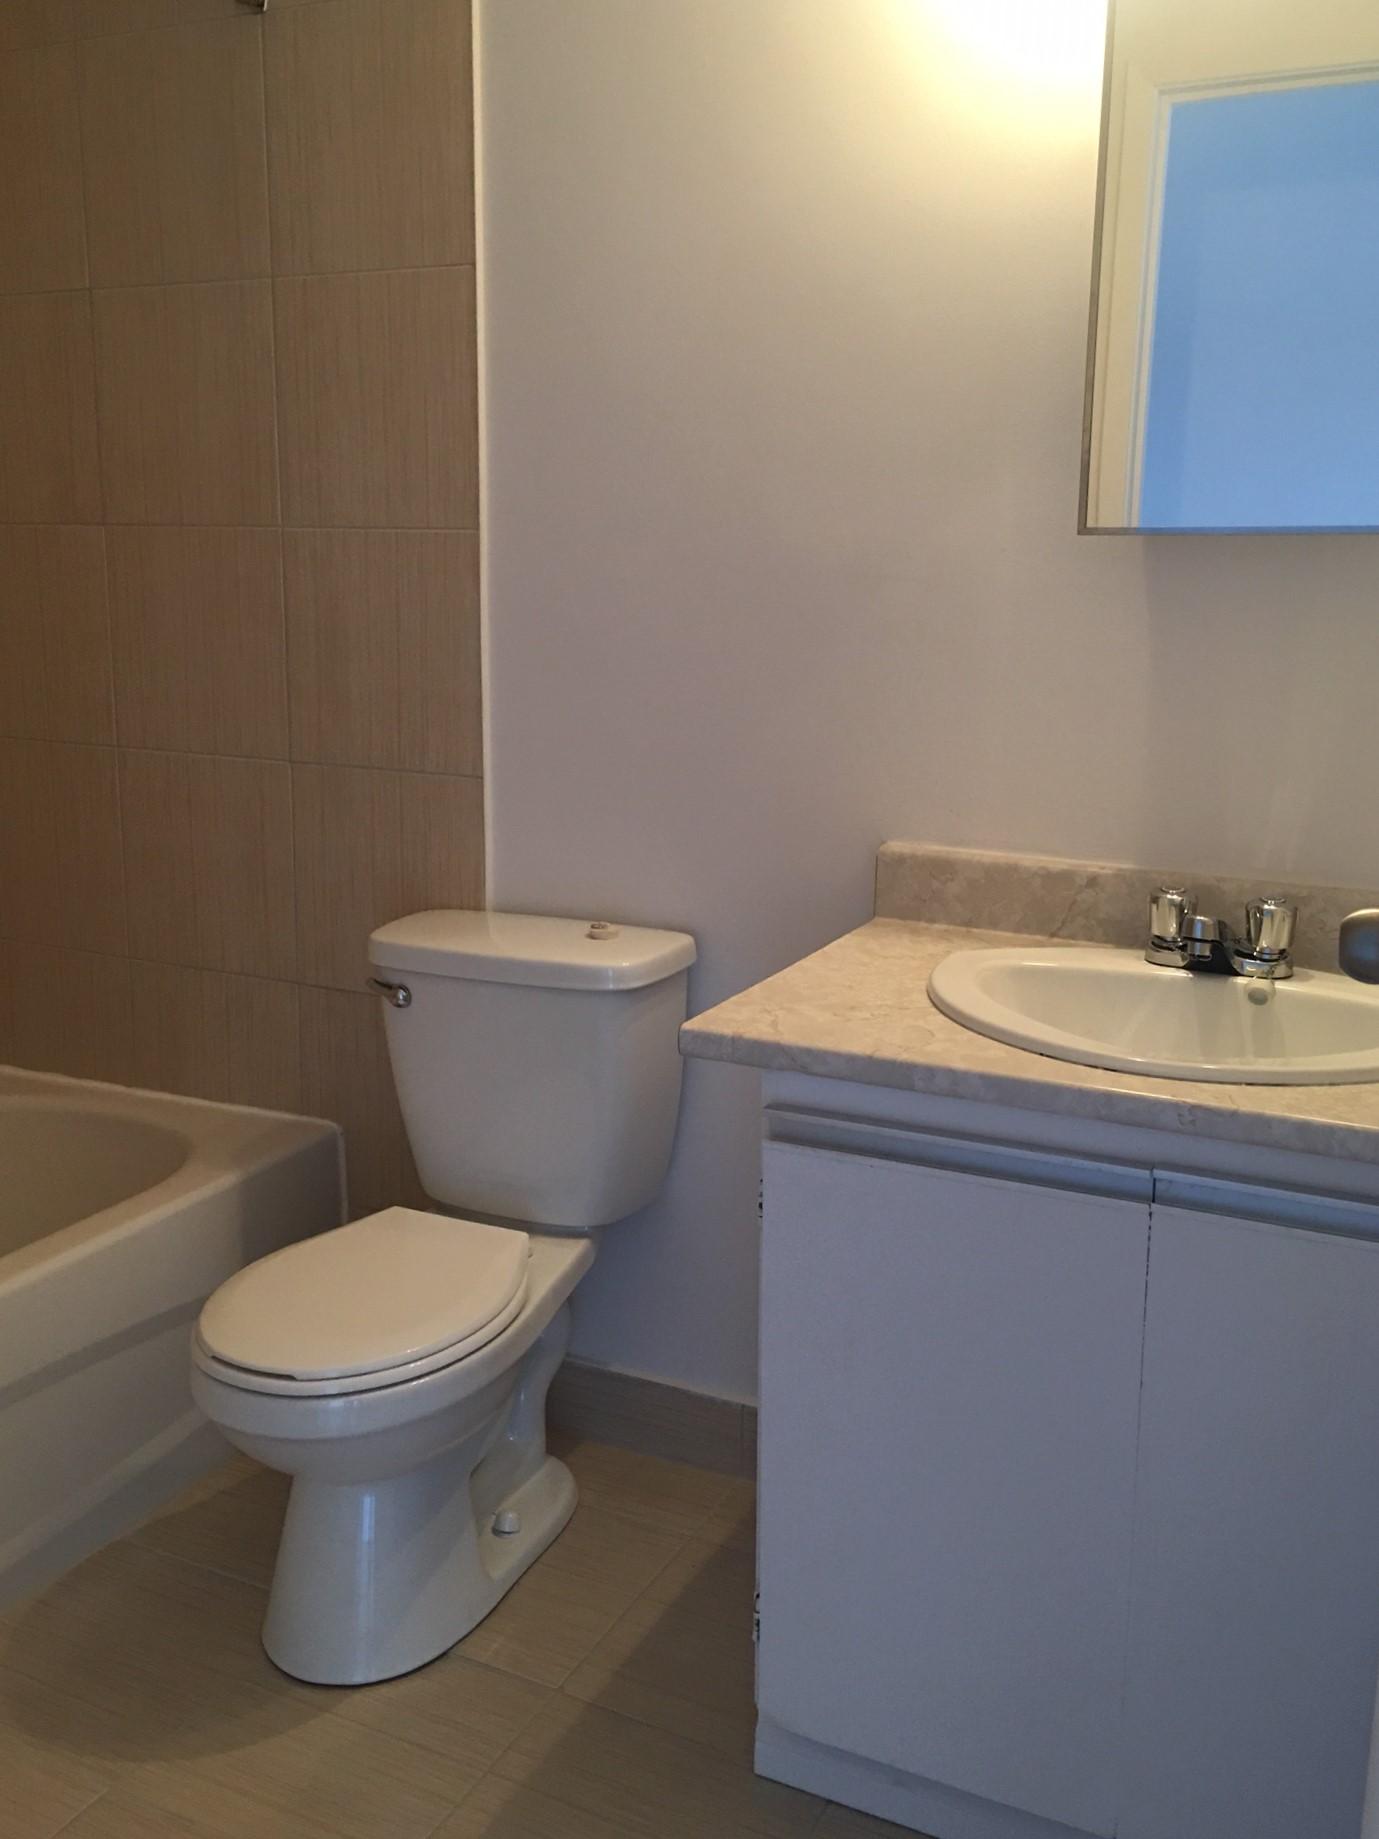 1 bedroom Apartments for rent in Pointe-aux-Trembles at Habitations de la Rousseliere - Photo 06 - RentQuebecApartments – L1921